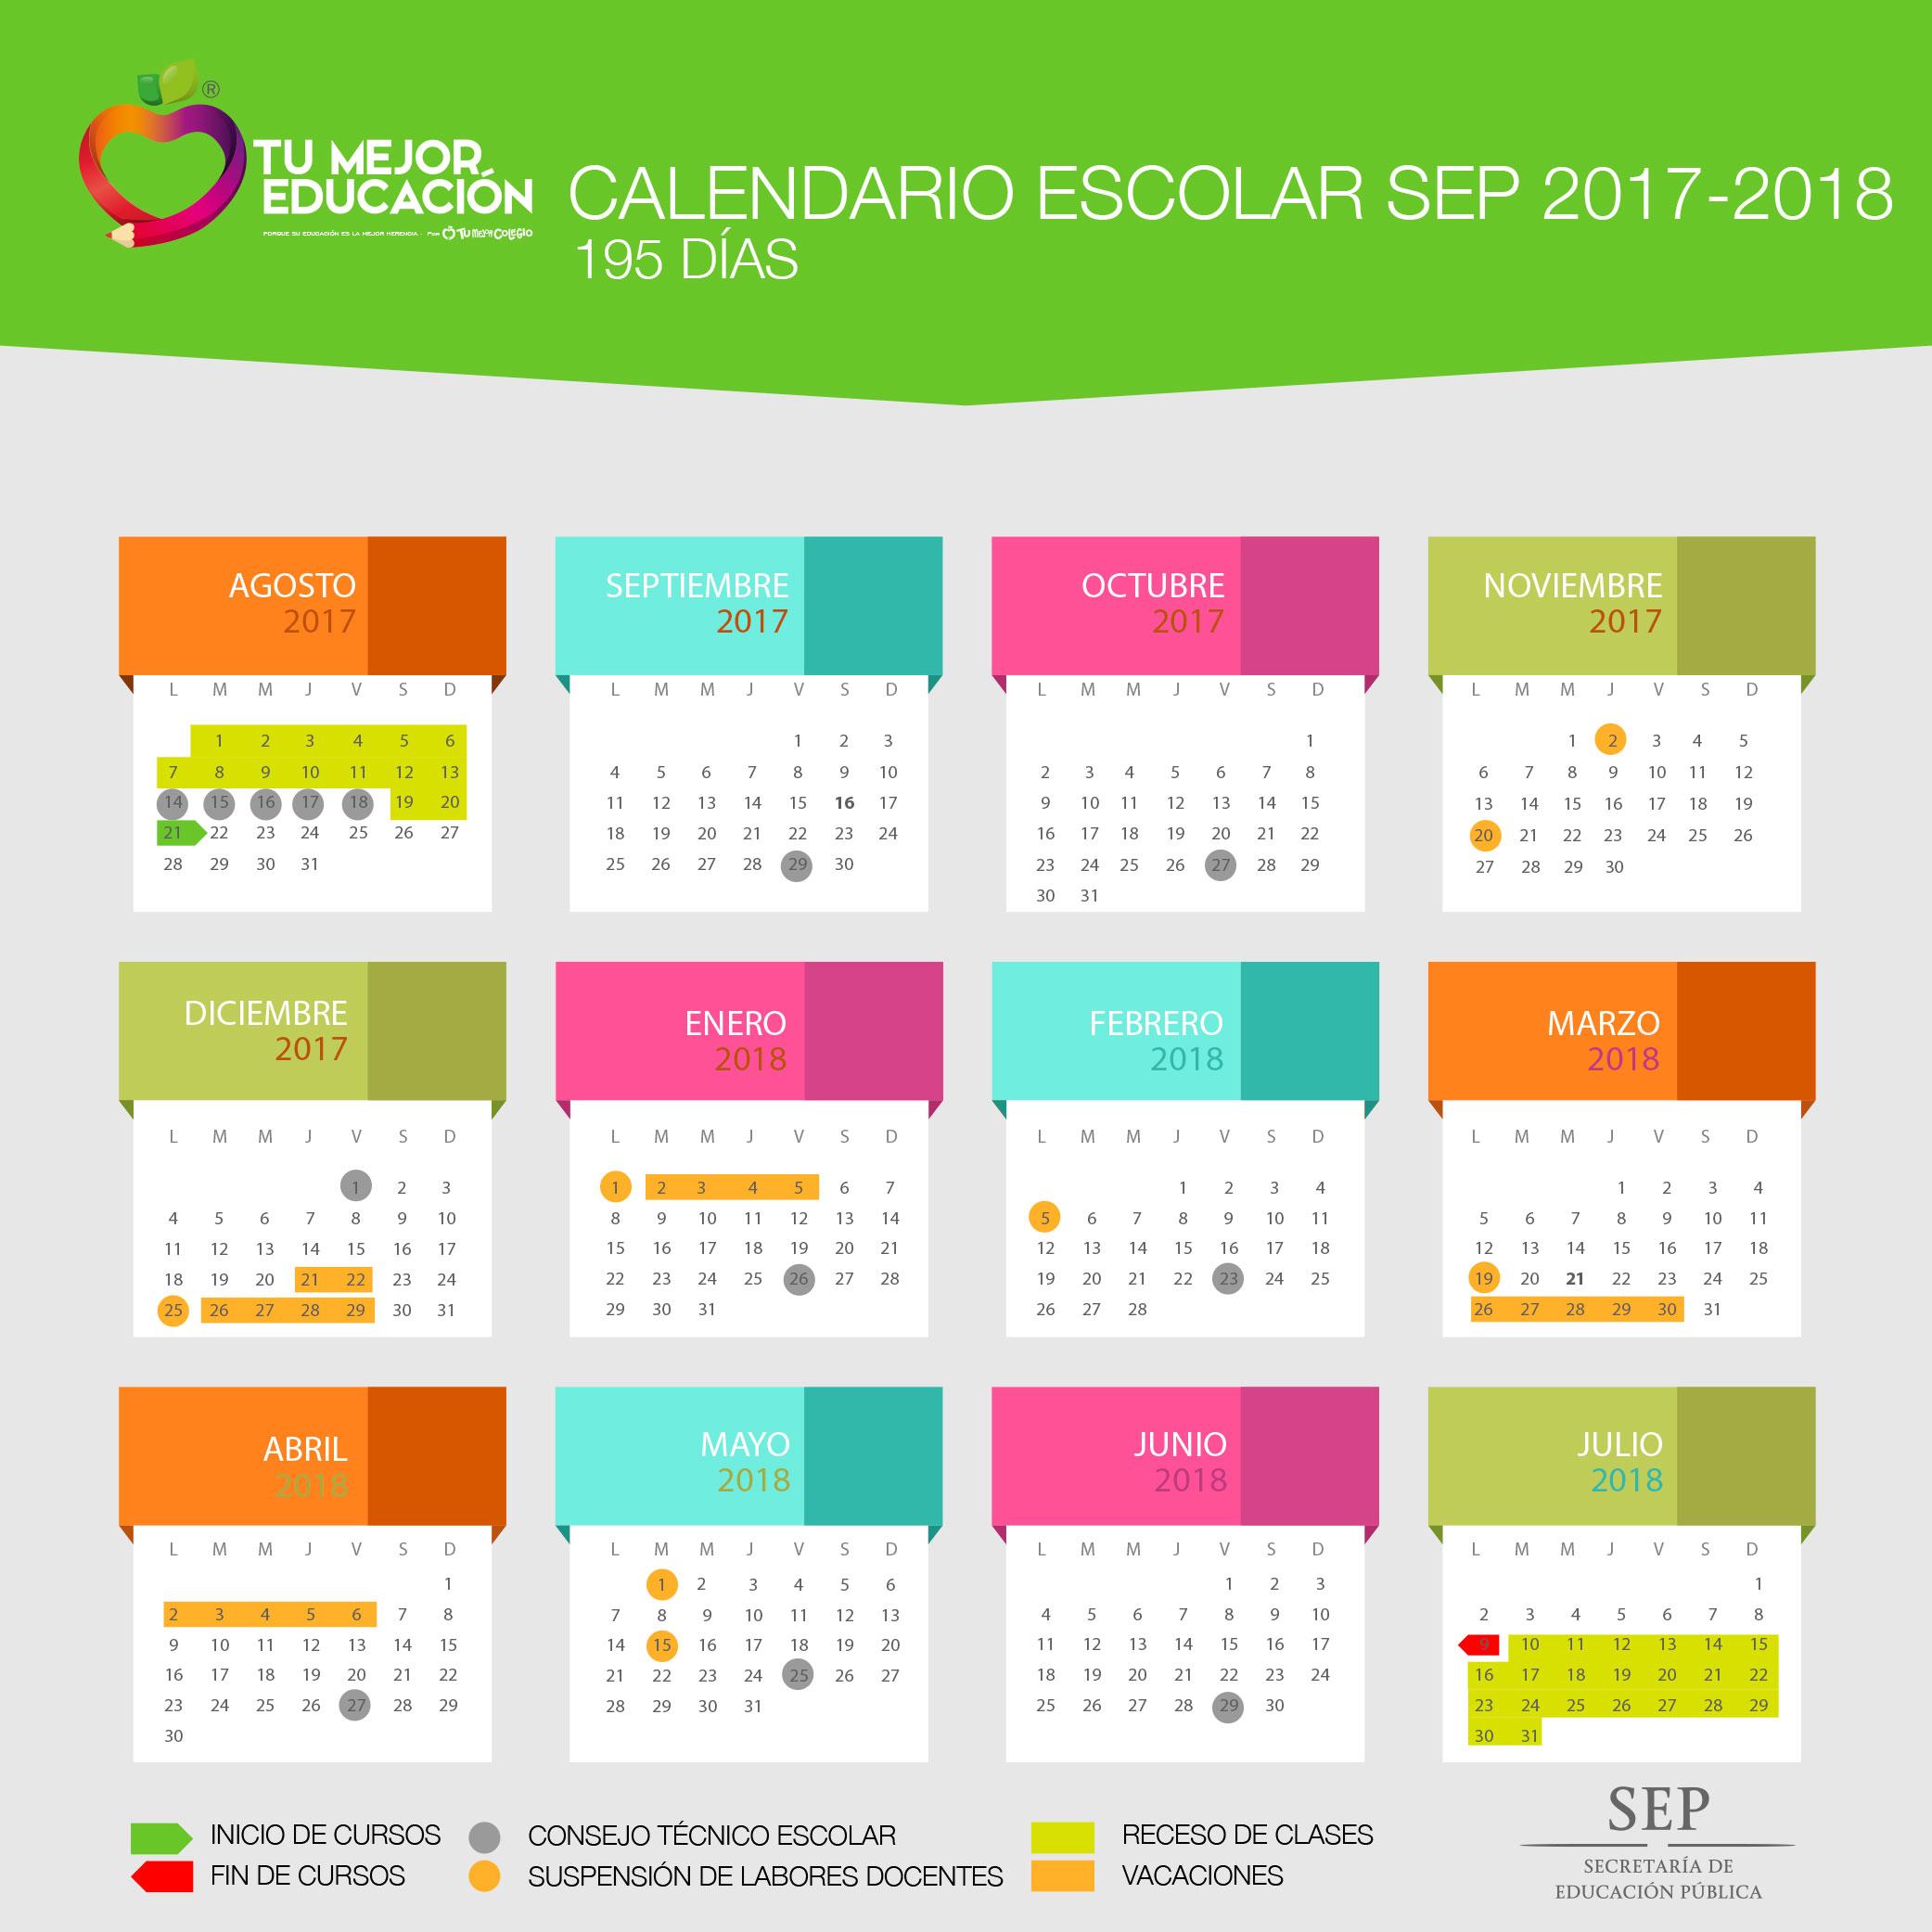 Calendario Oficial SEP 2017-2018